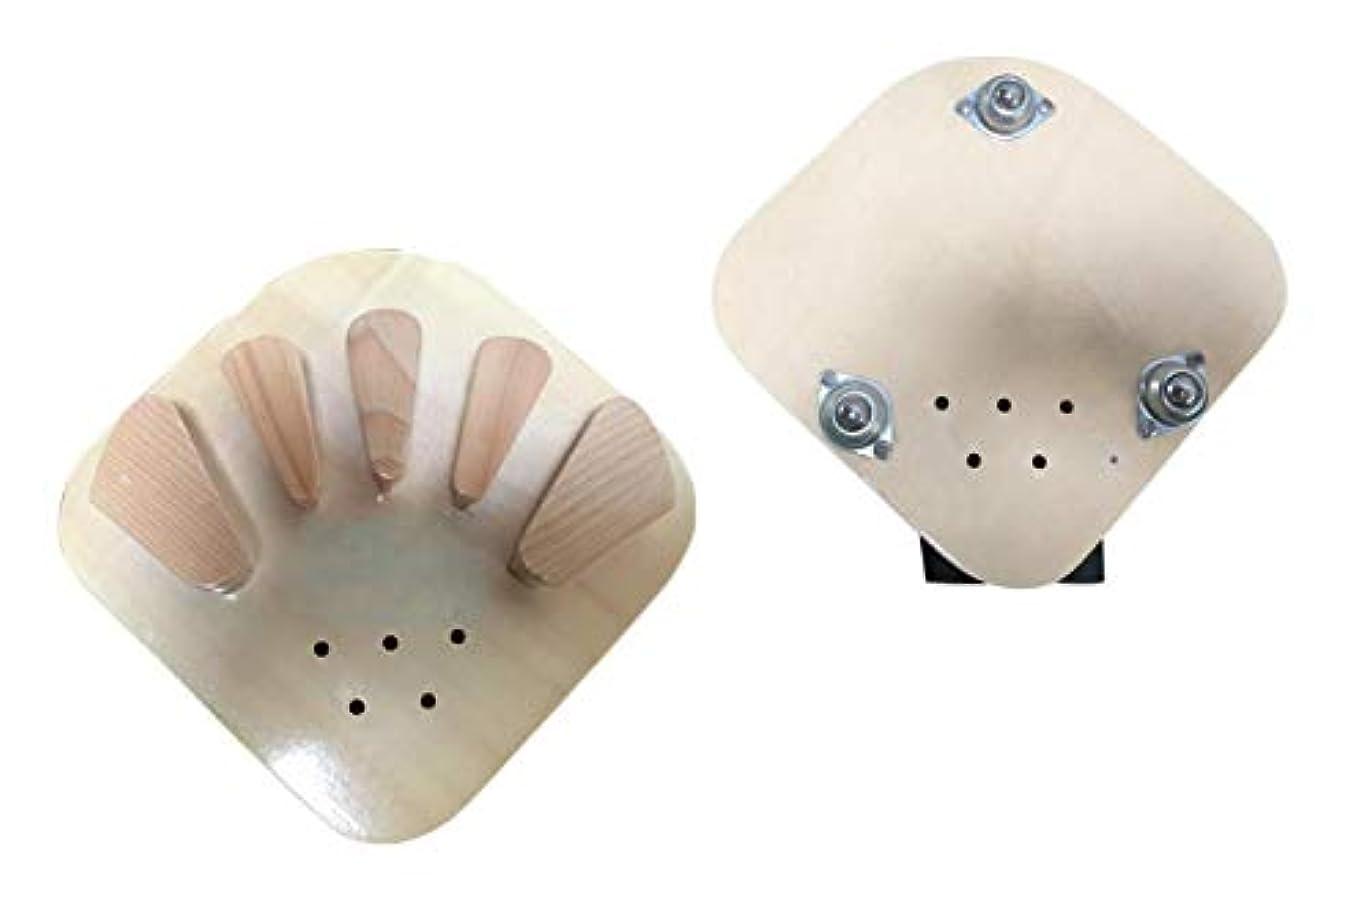 ピグマリオンベリーテメリティ木製指装具指板片麻痺脳卒中ハンドスプリントトレーニングサポート、キャスター付き、小